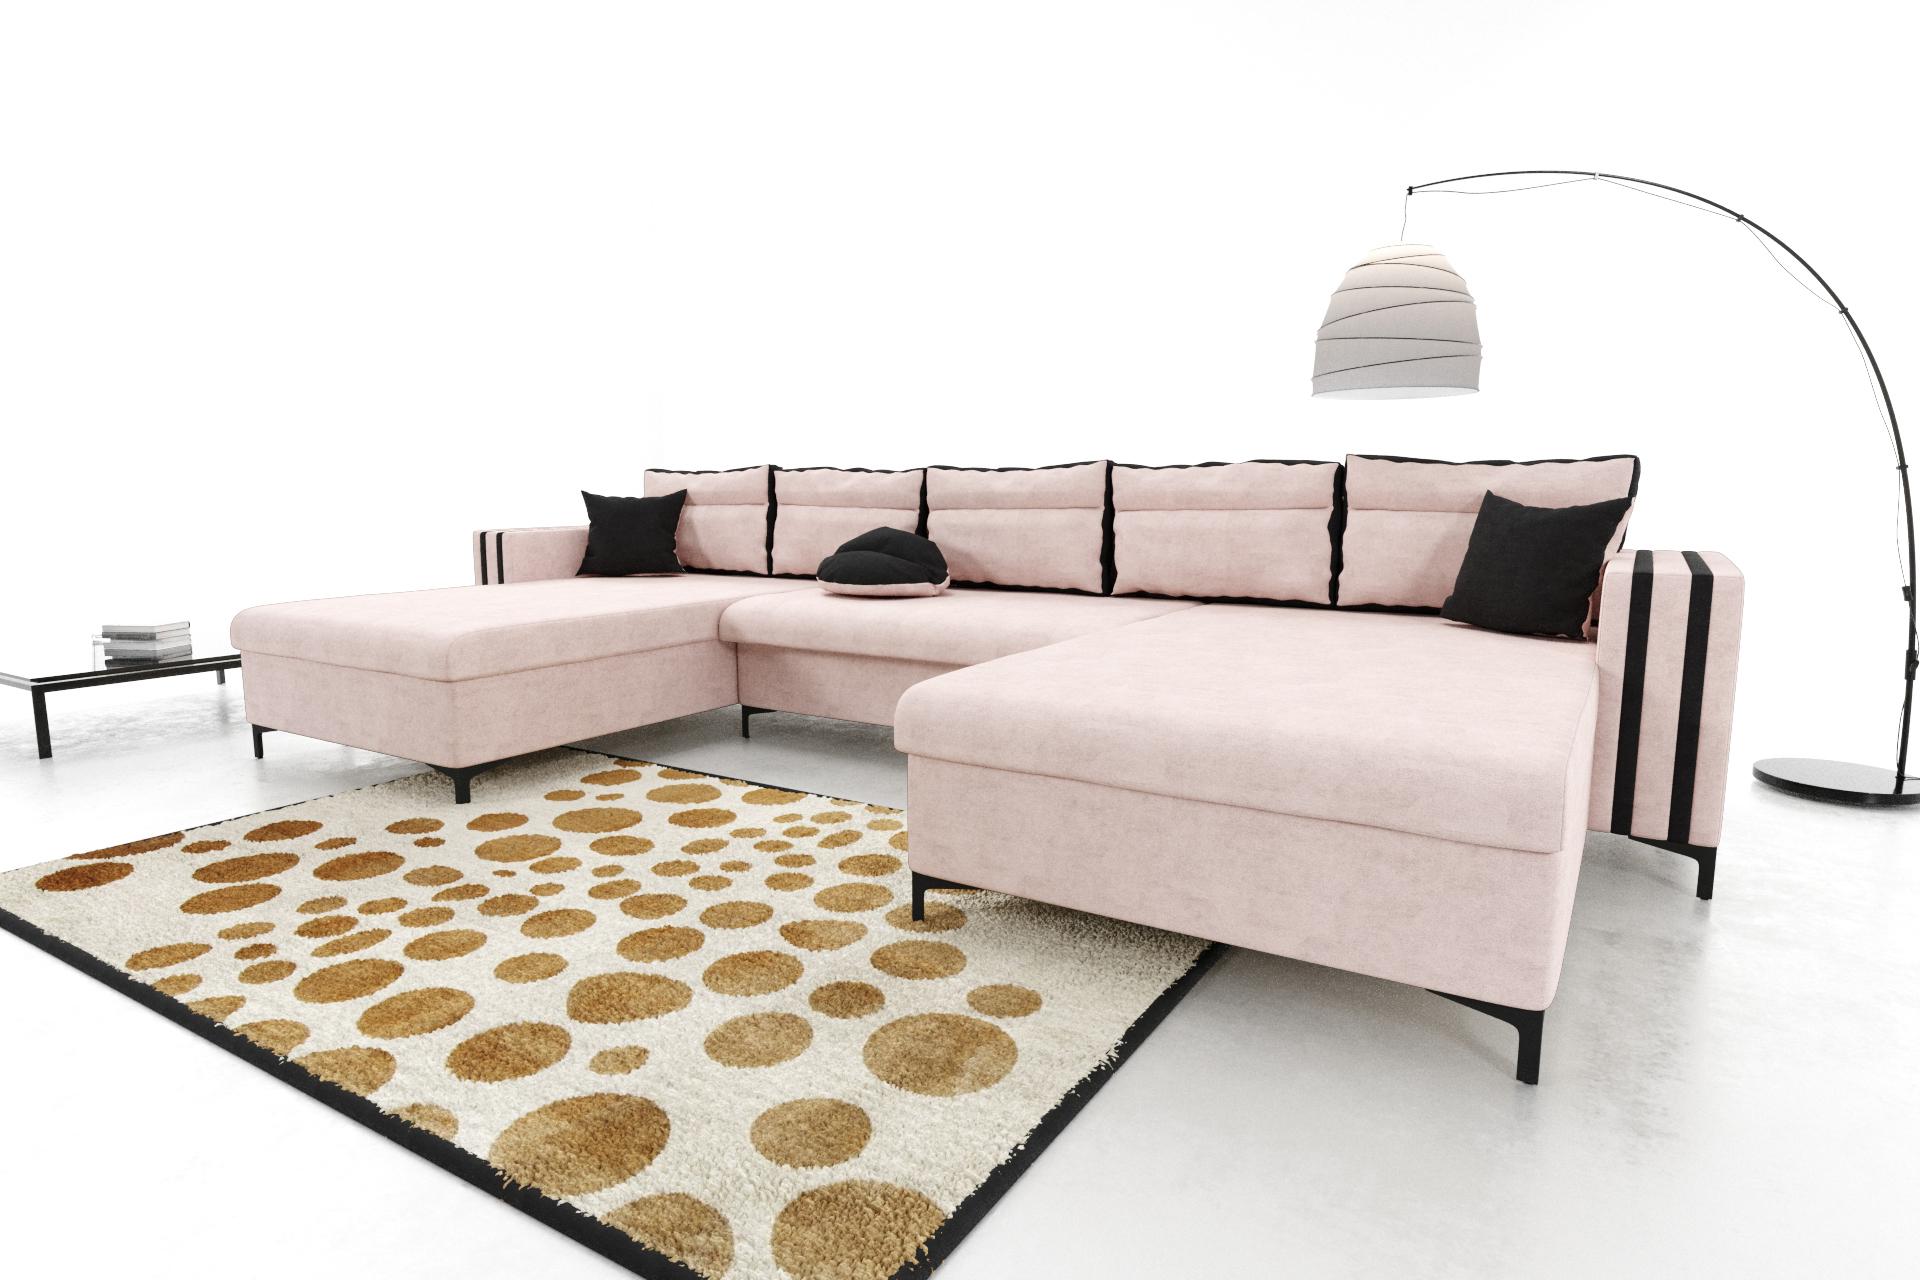 Modernes Wohnzimmer Ecksofa Eckcouch Sofa mit Bettkasten ...